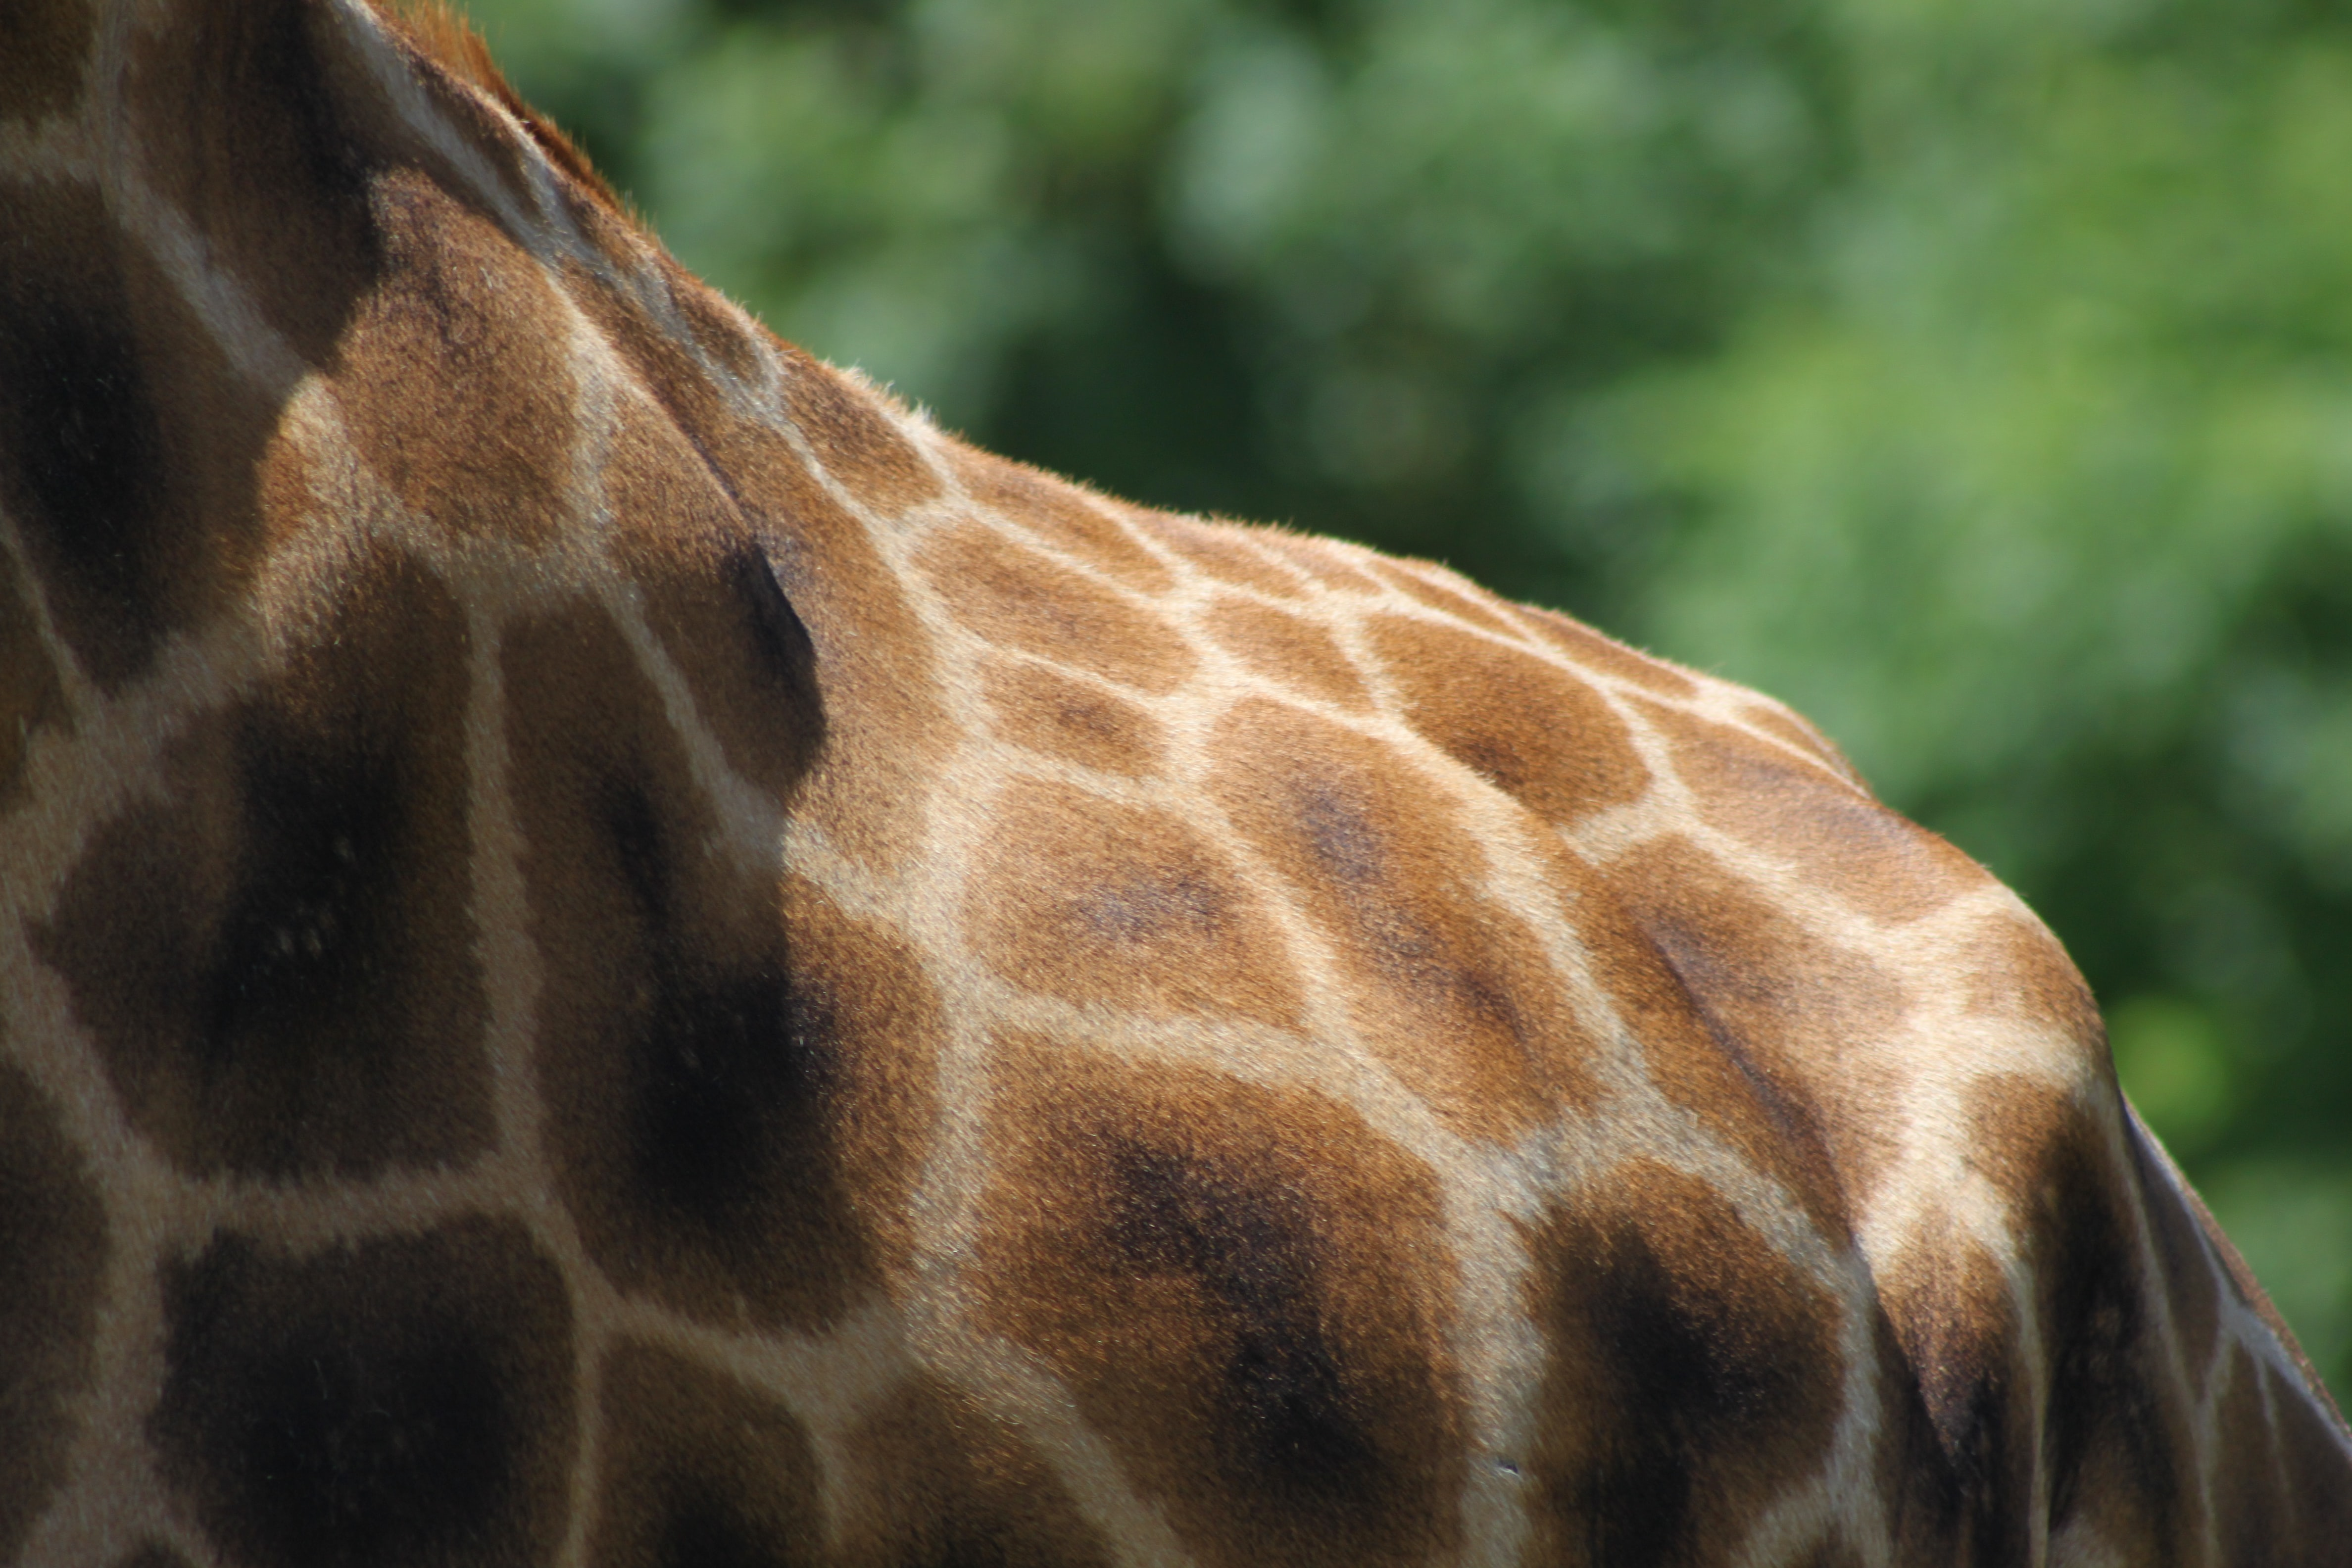 giraffe back during daytime